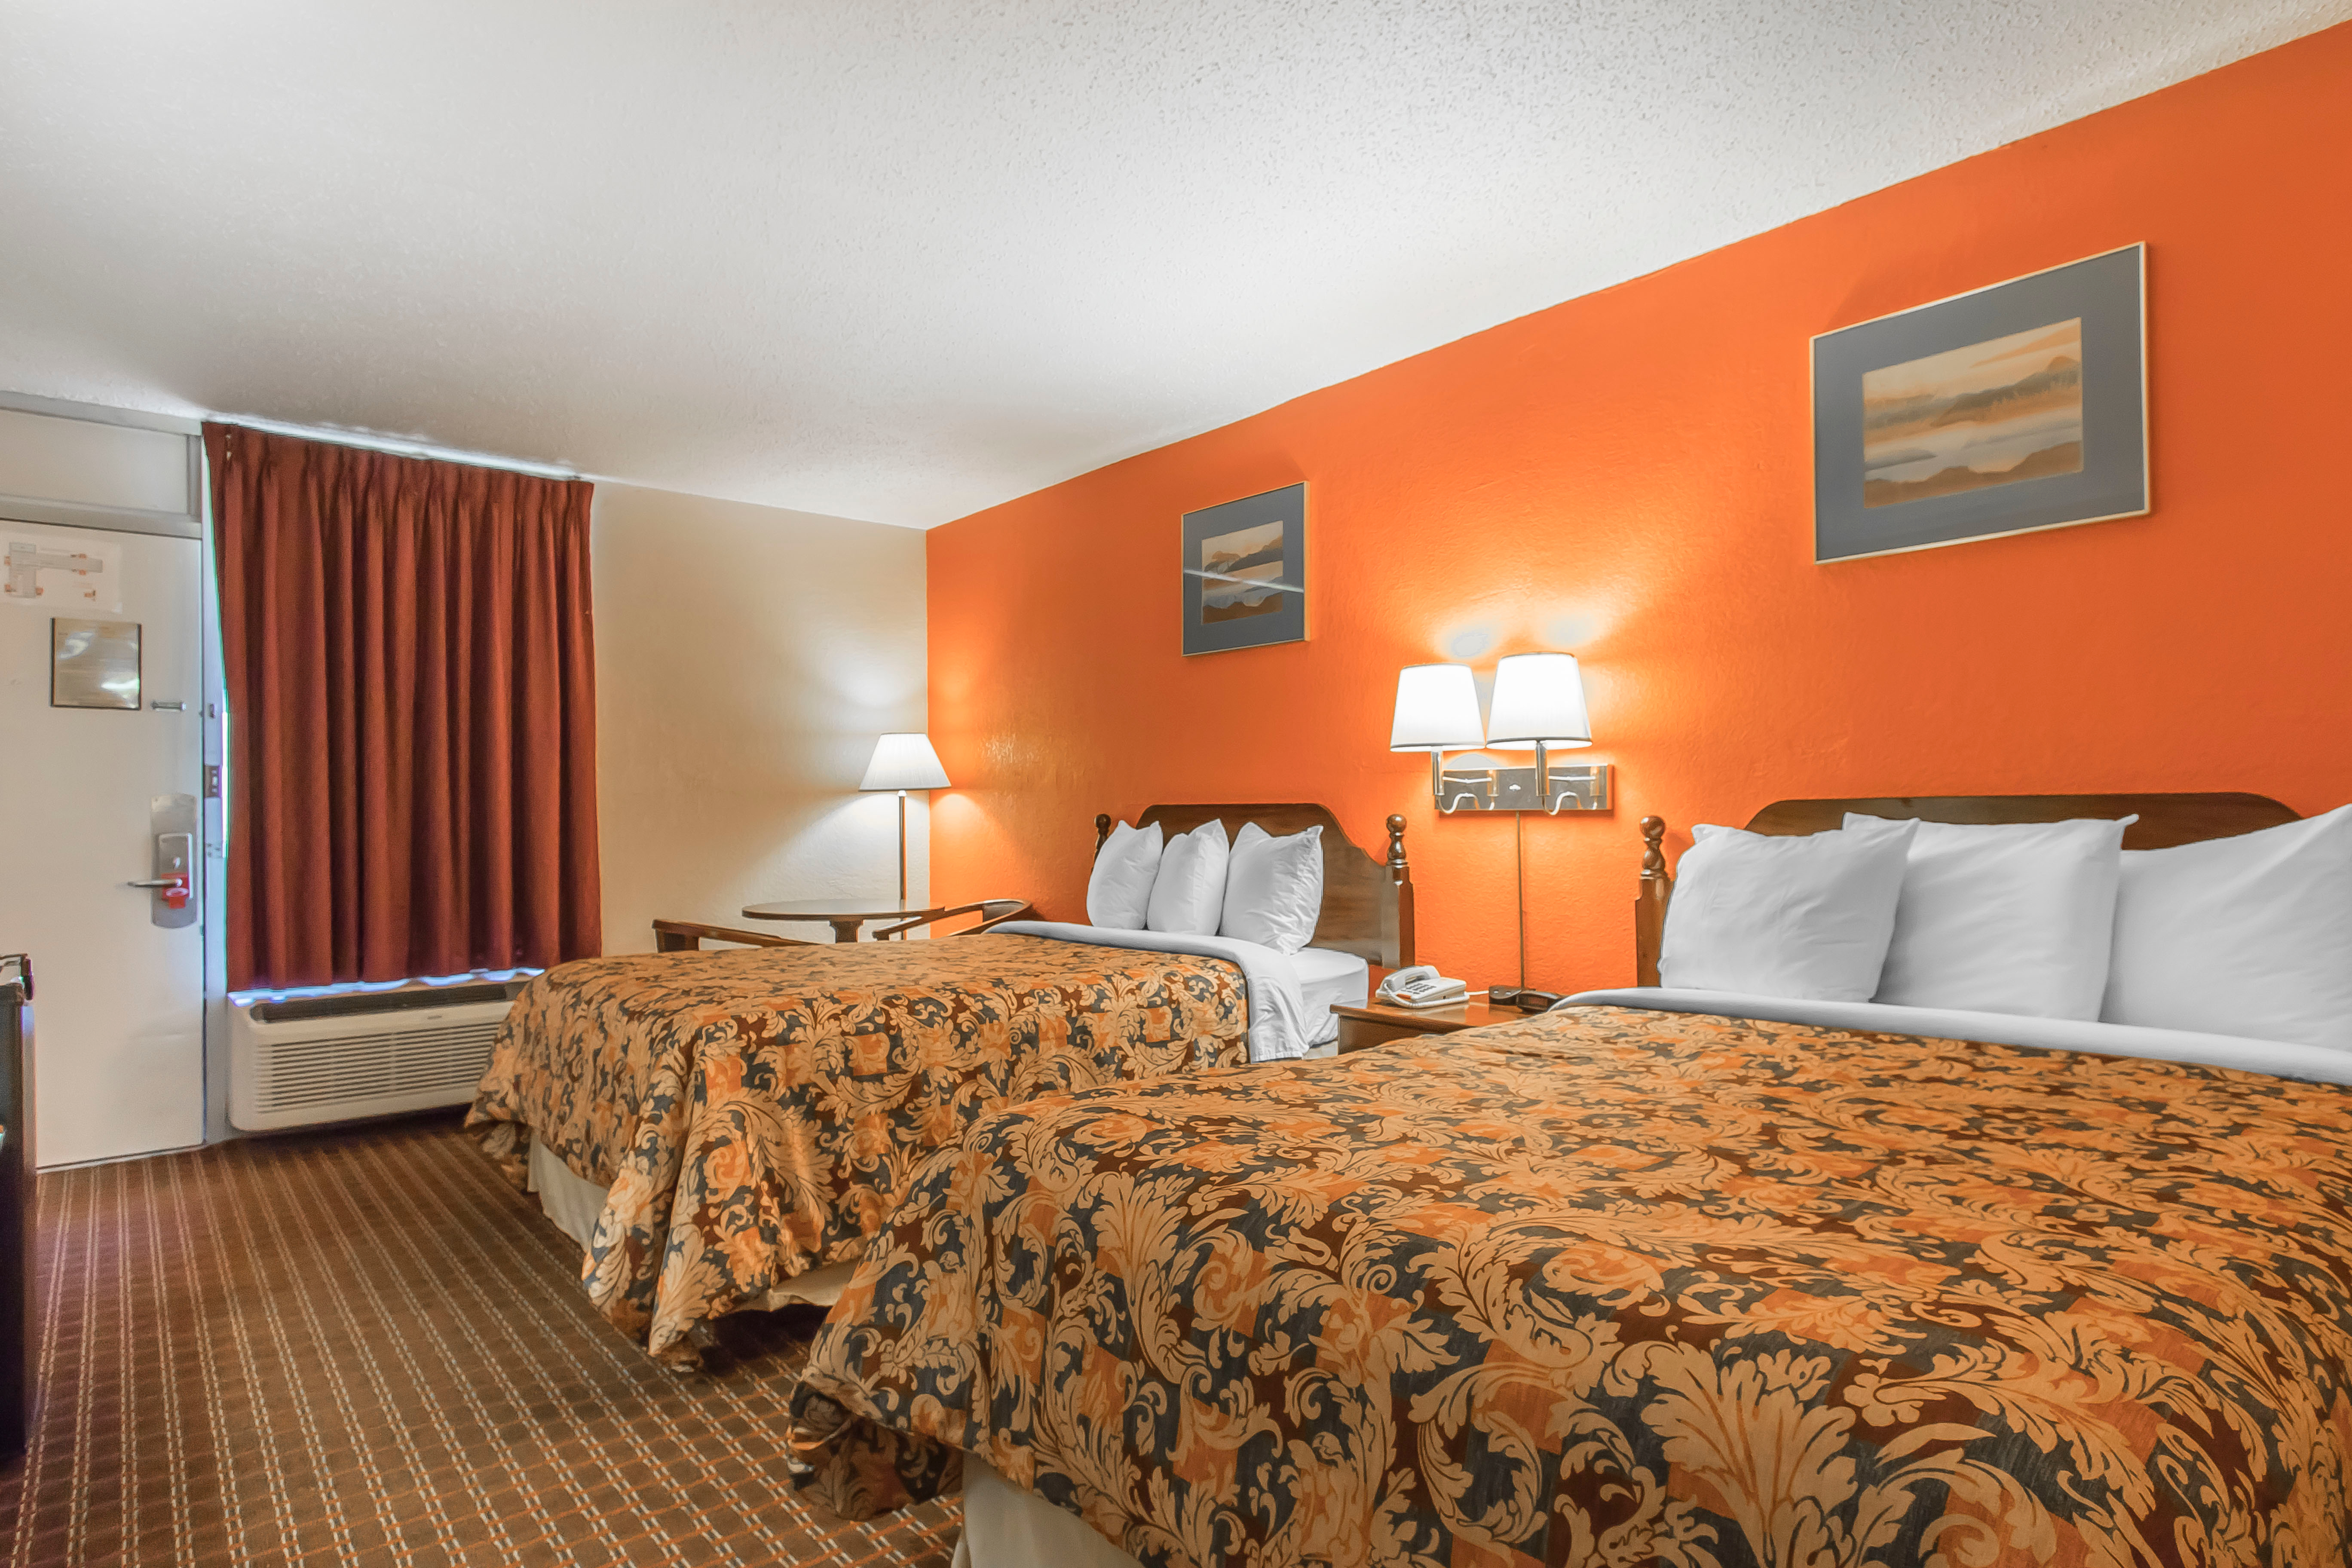 econo lodge in scottsboro al 35768. Black Bedroom Furniture Sets. Home Design Ideas